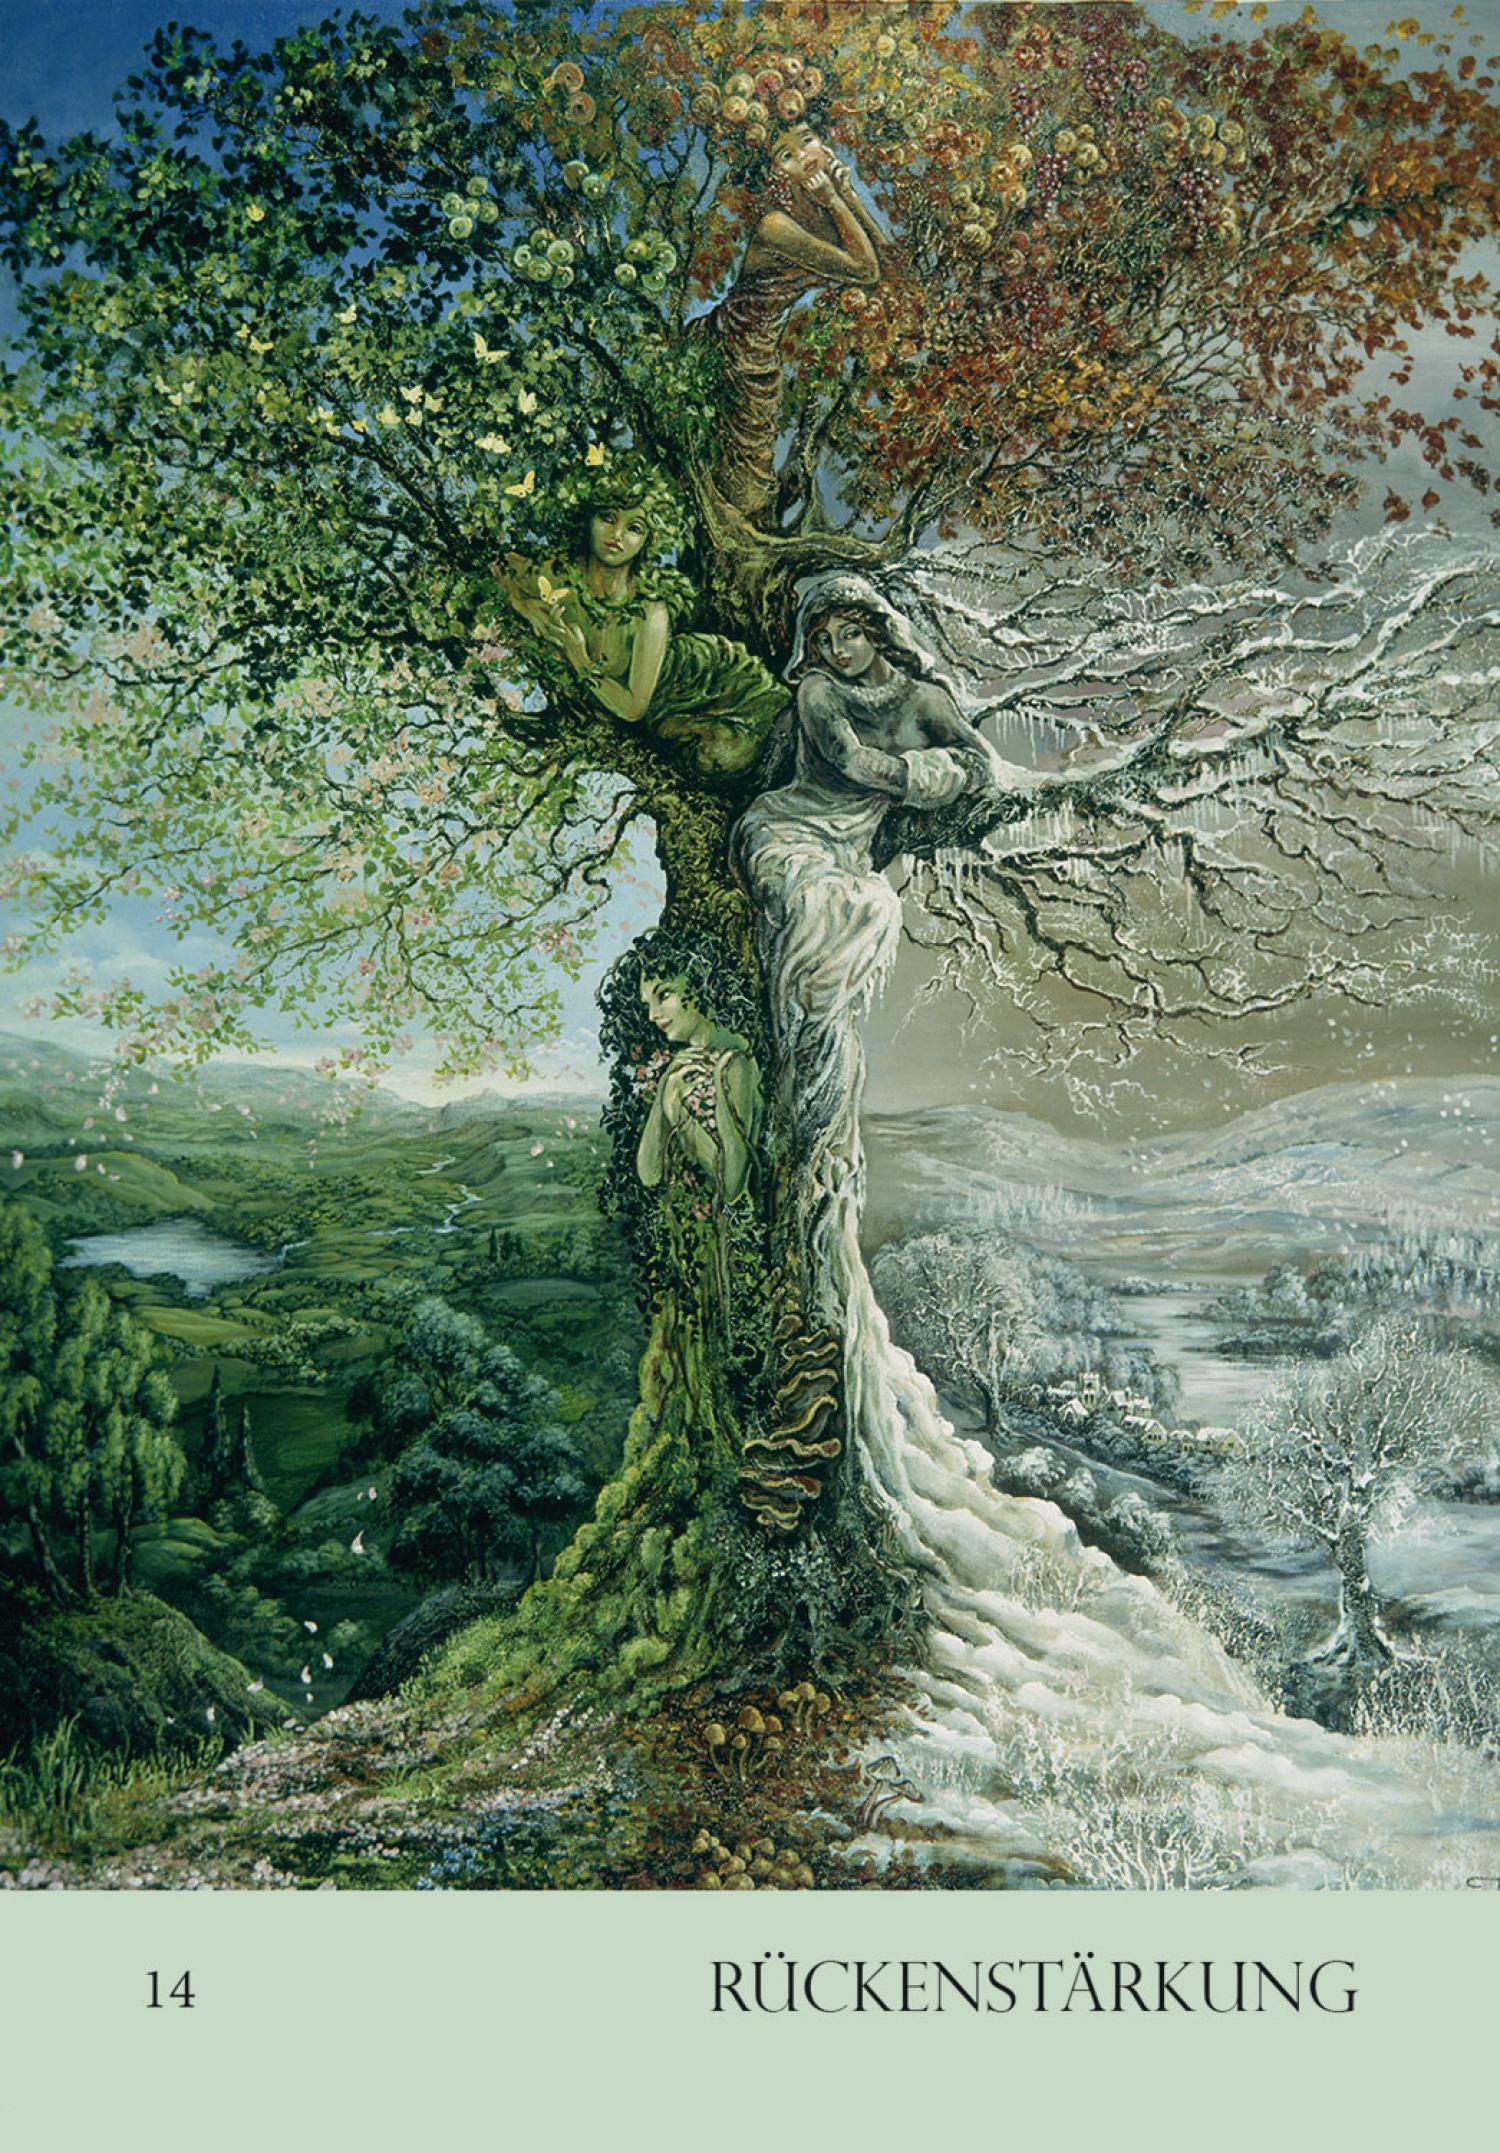 Das Naturgeister-Orakel (Kartenset), Produktbild 3